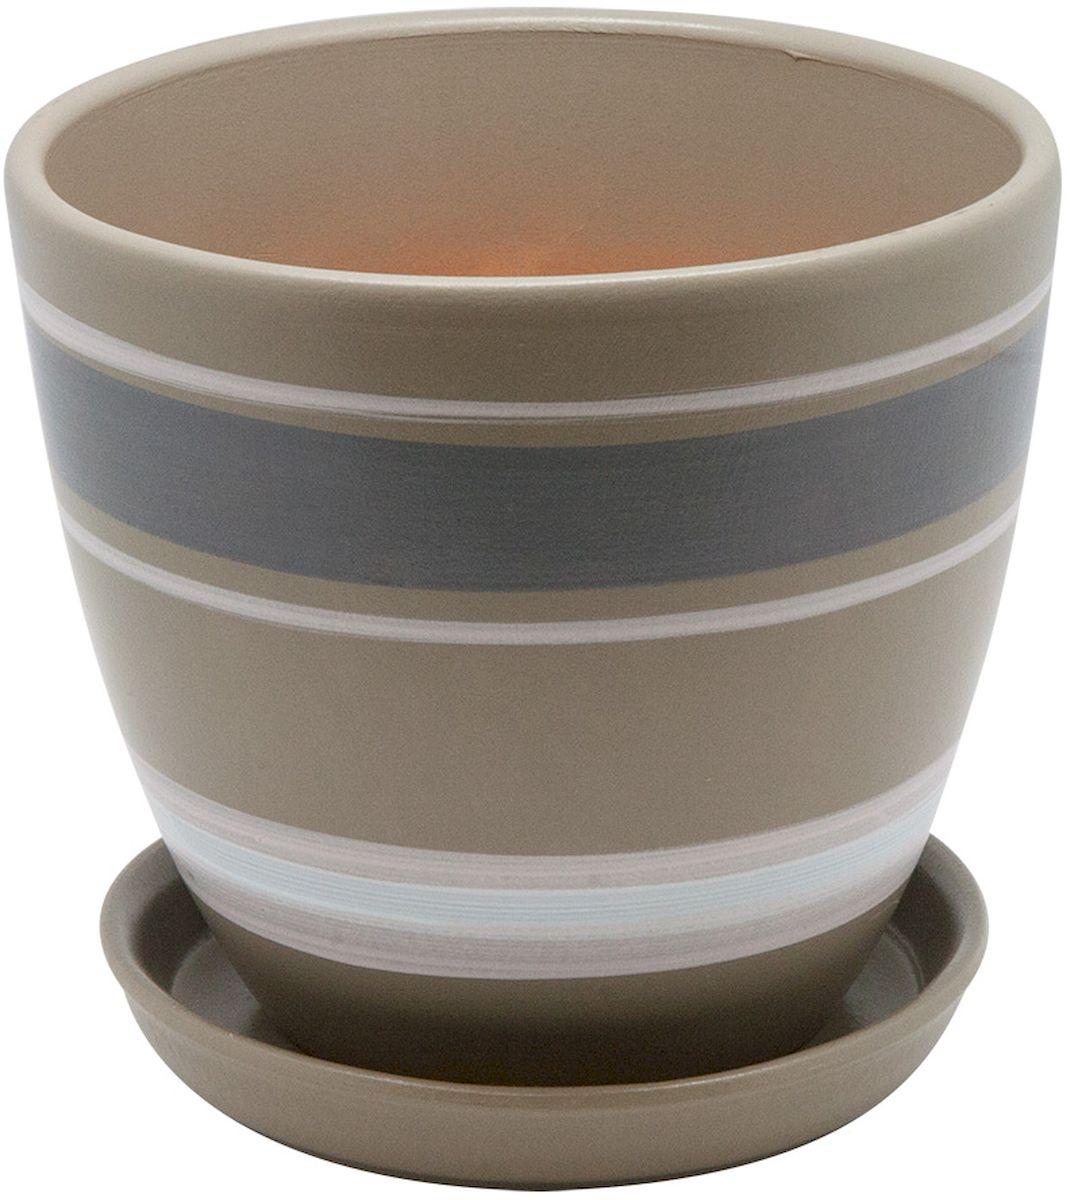 Горшок цветочный Engard, с поддоном, цвет: серый, белый, 2,4 лBH-18-2Керамический горшок Engard - это идеальное решение для выращивания комнатных растений и создания изысканности в интерьере. Керамический горшок сделан из высококачественной глины в классической форме и оригинальном дизайне.Объем: 2,4 л.